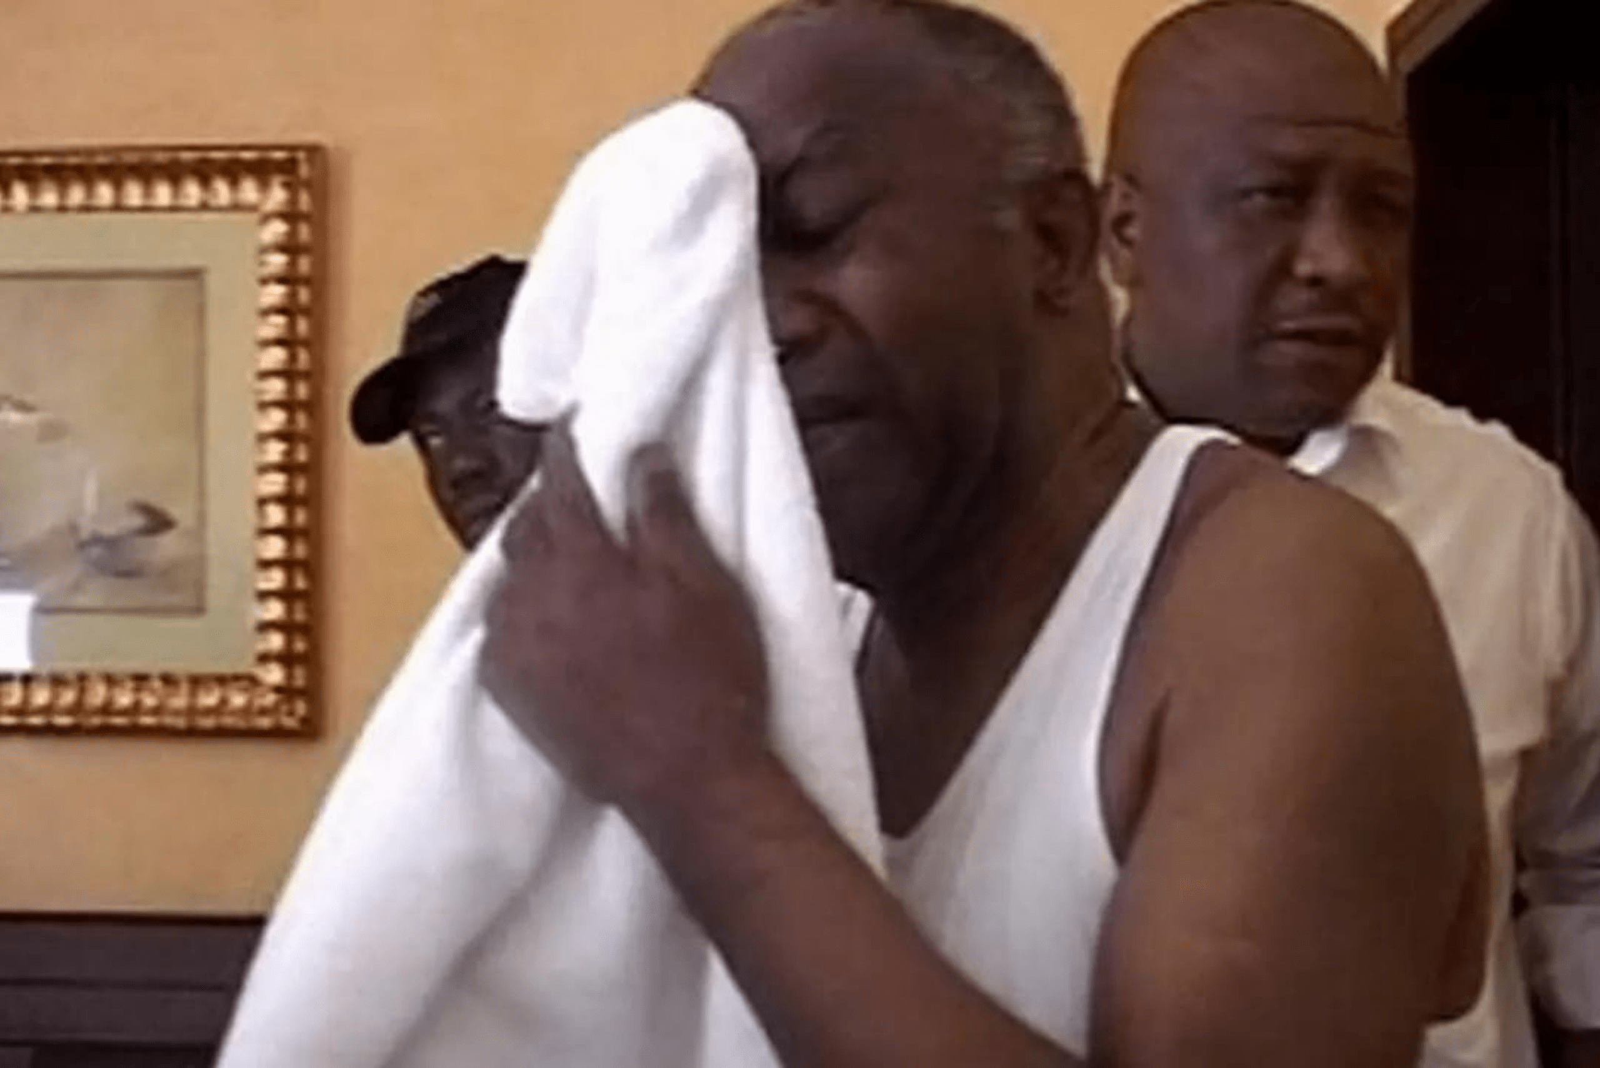 Chute du pouvoir et procès de l'ex-président ivoirien: Retour sur la vie de Laurent Gbagbo